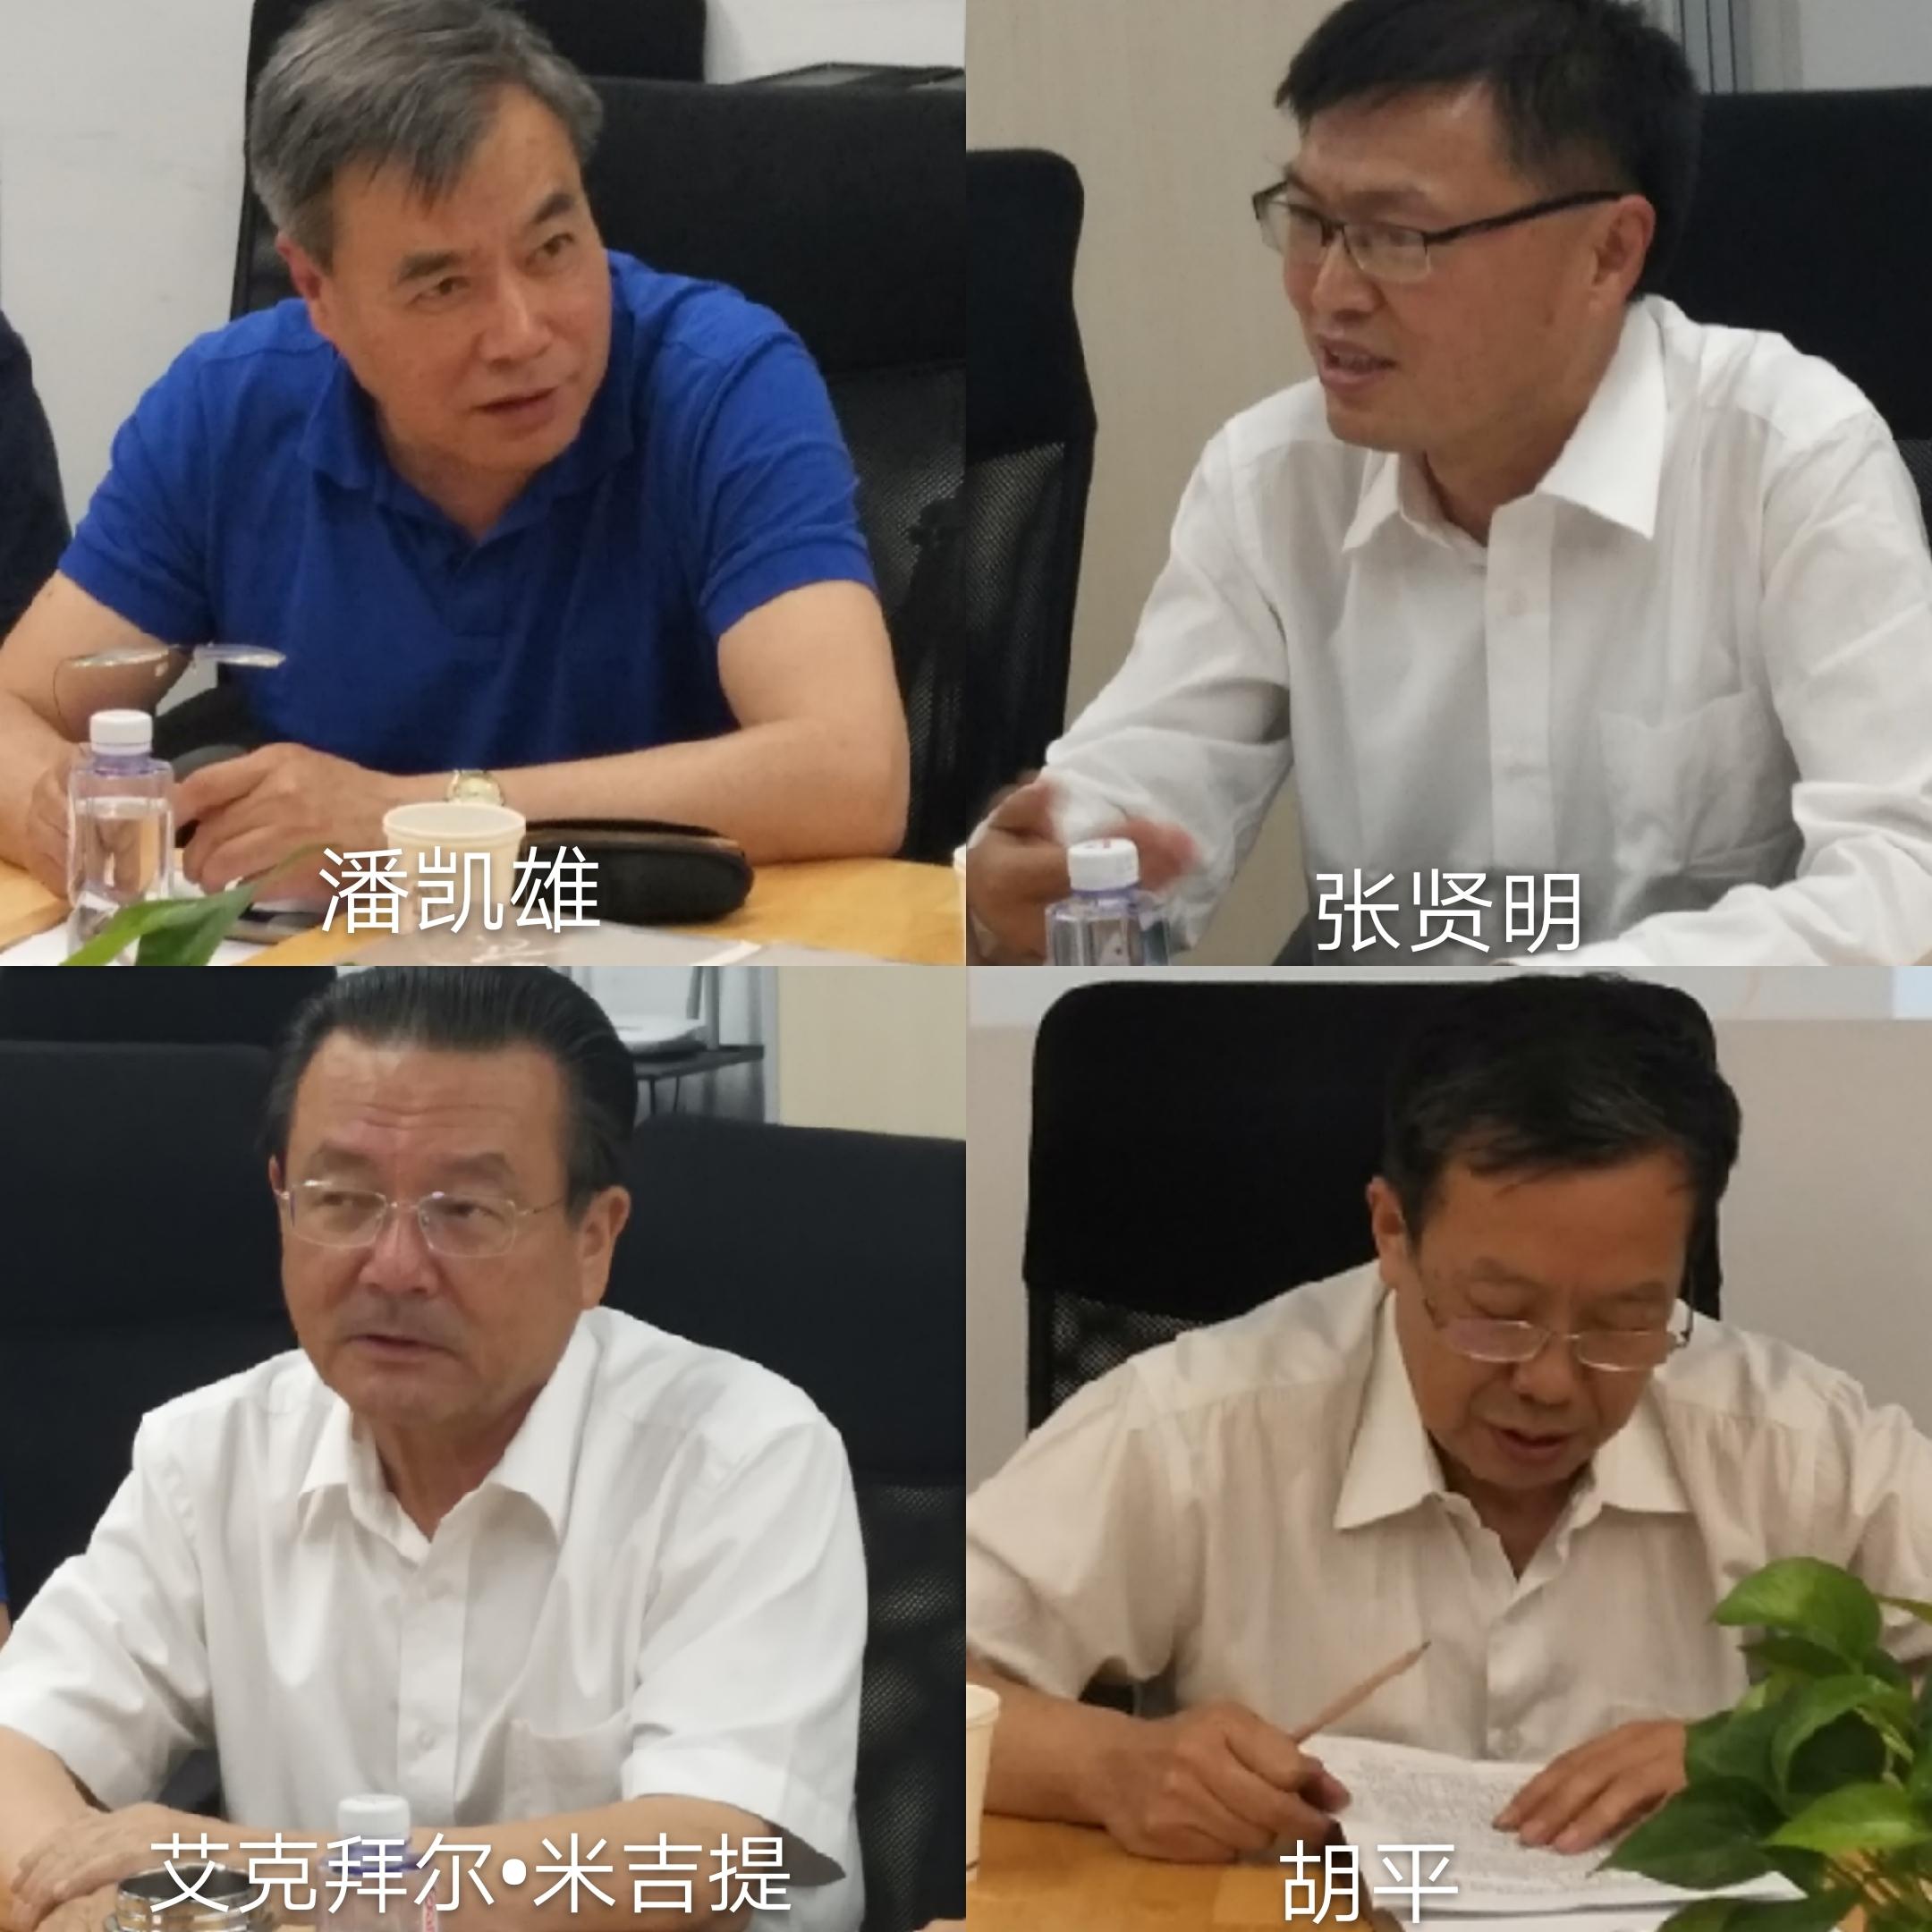 王洁散文集《风过留痕》研讨会在京举办